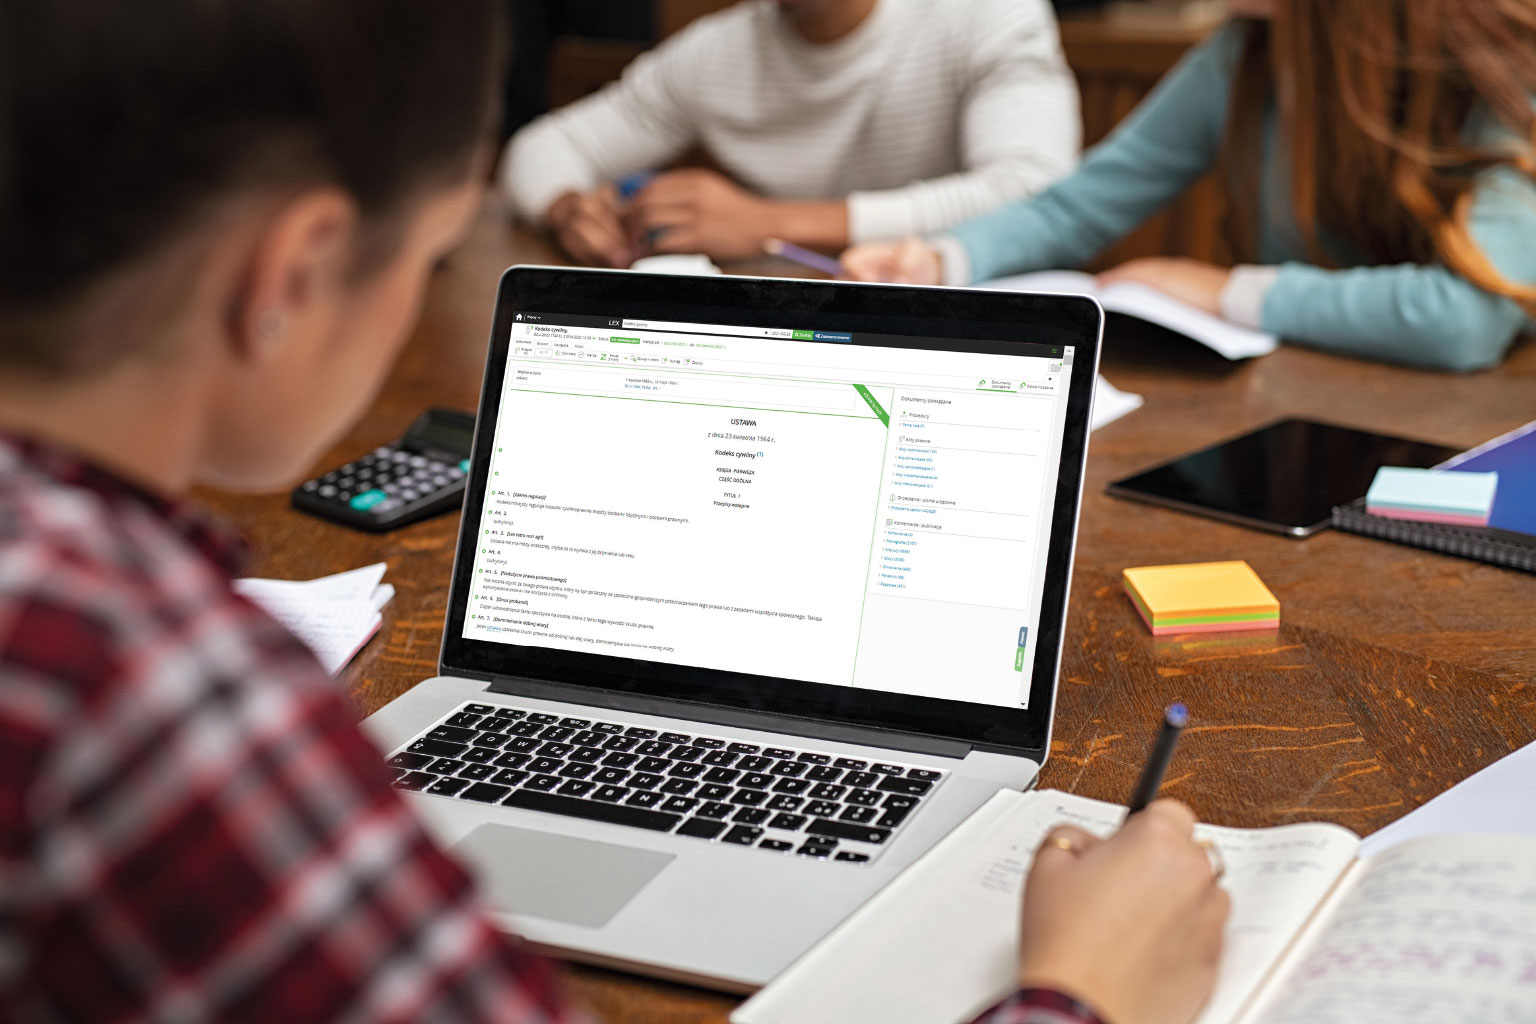 Studentka przegląda na laptopie akty prawa w LEX Student